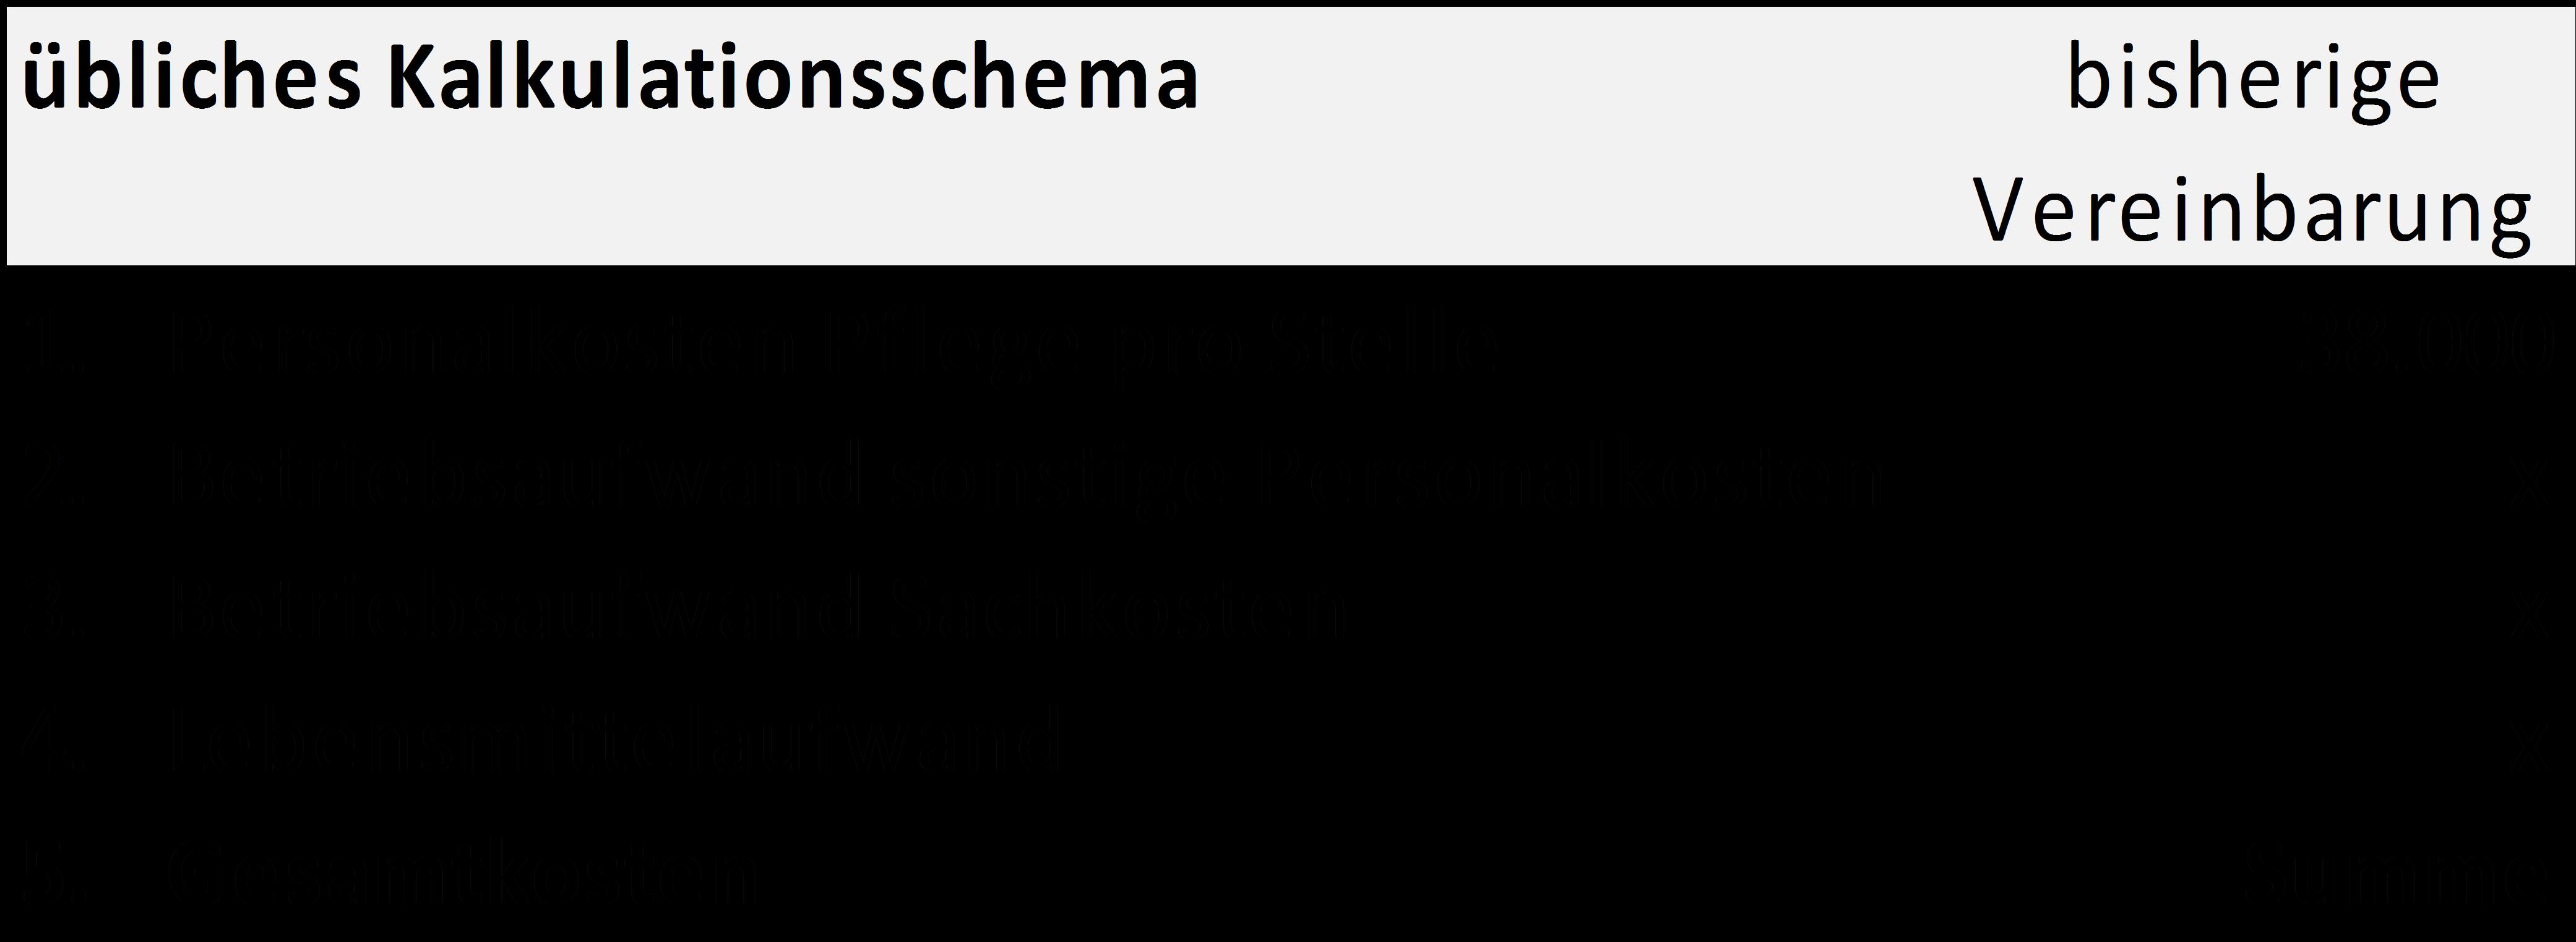 bsp2-kalkulationsschema